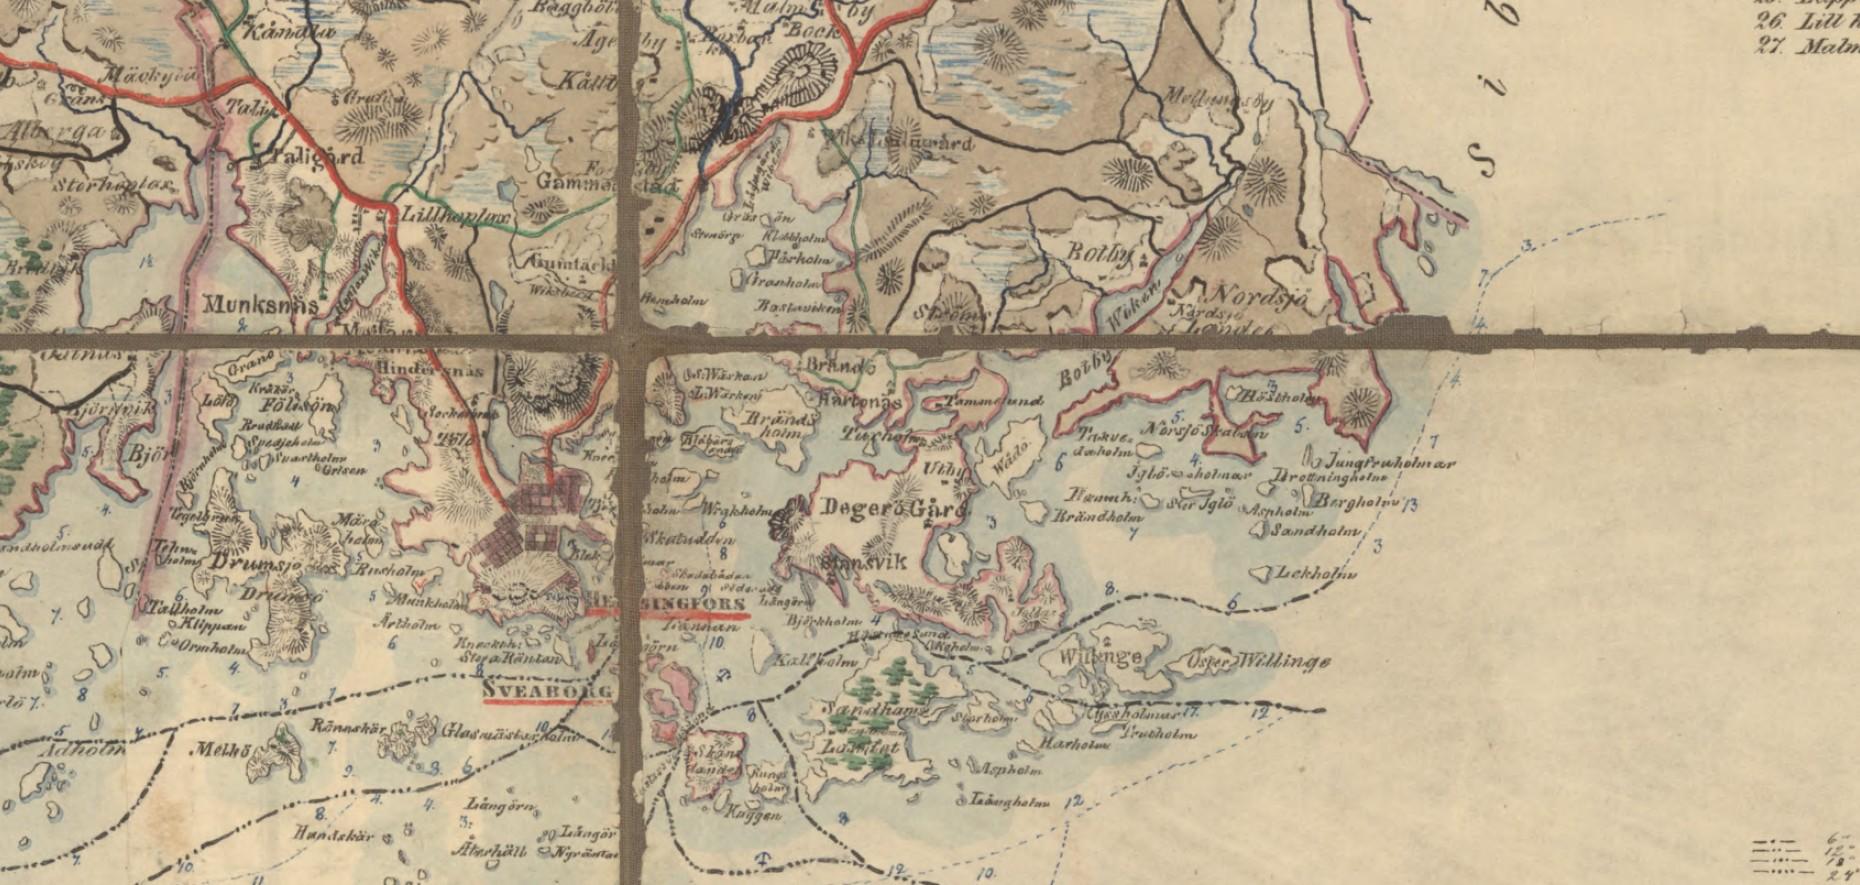 Pitäjänkartta 1843